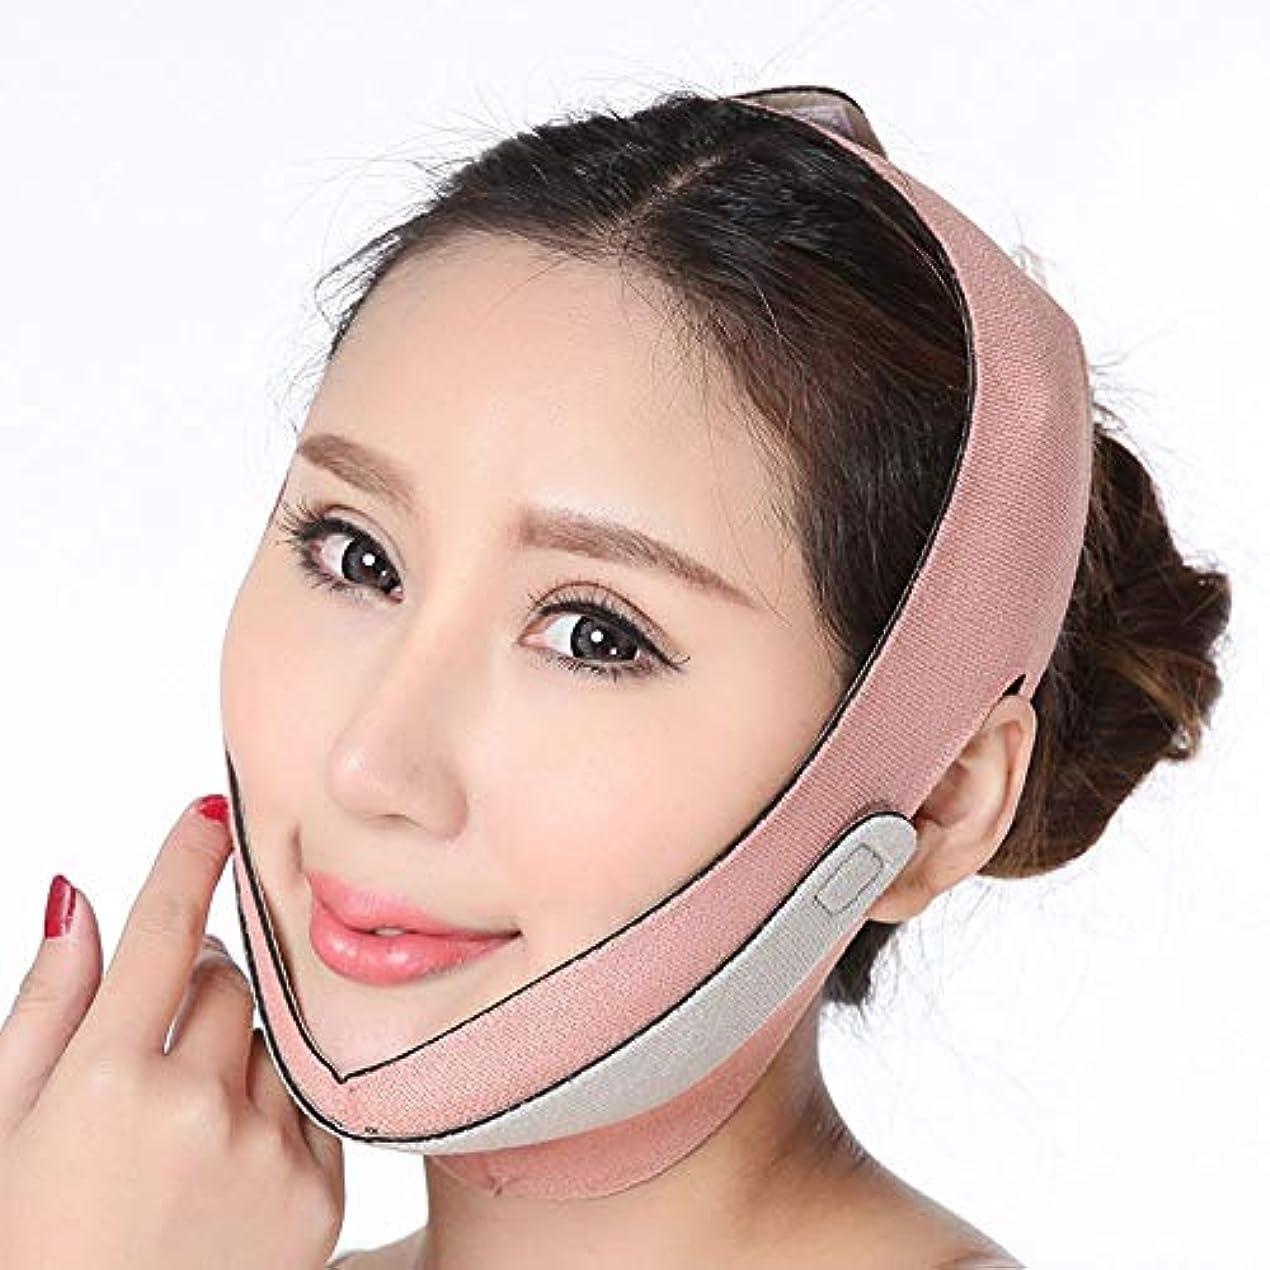 模倣炭素不平を言うJia Jia- シンフェイス包帯シンフェイスマスクフェイスリフトアーティファクトレイズVフェイスシンフェイスフェイスリフティング美容マスク小フェイス包帯 顔面包帯 (色 : A)